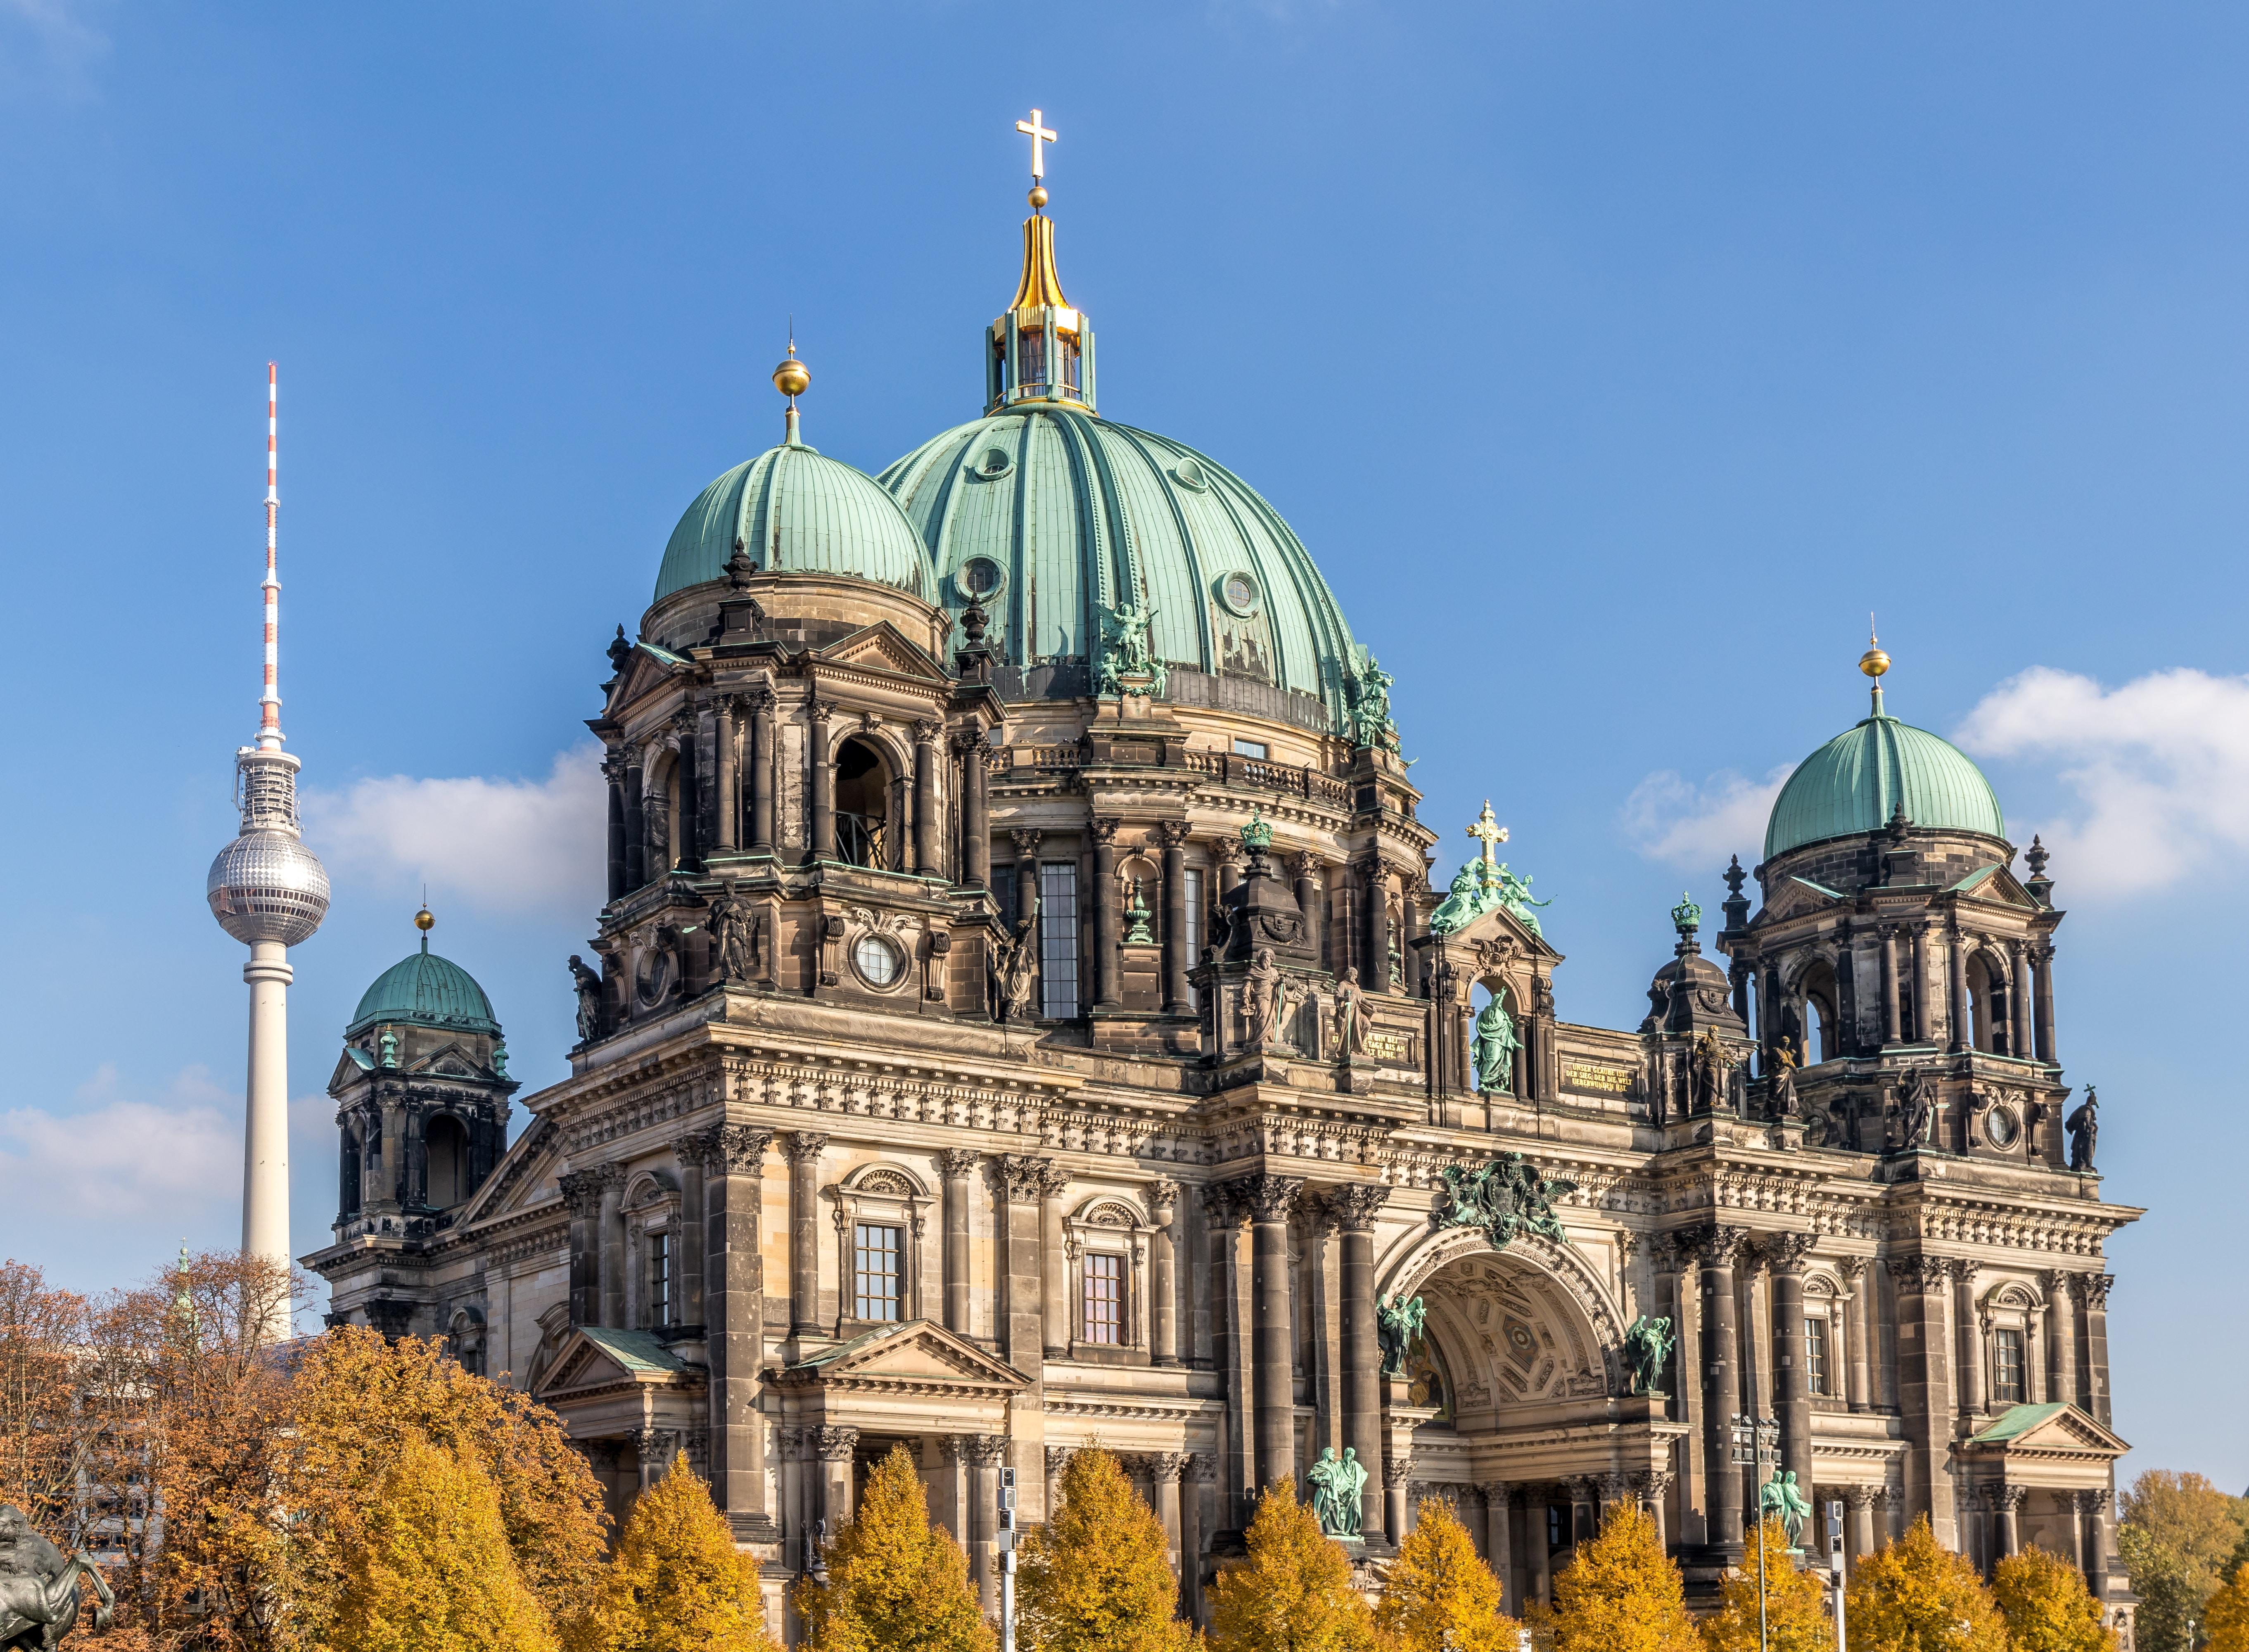 Reiseziele zwischen Ost- und Westdeutschen deutlich unterschiedlich